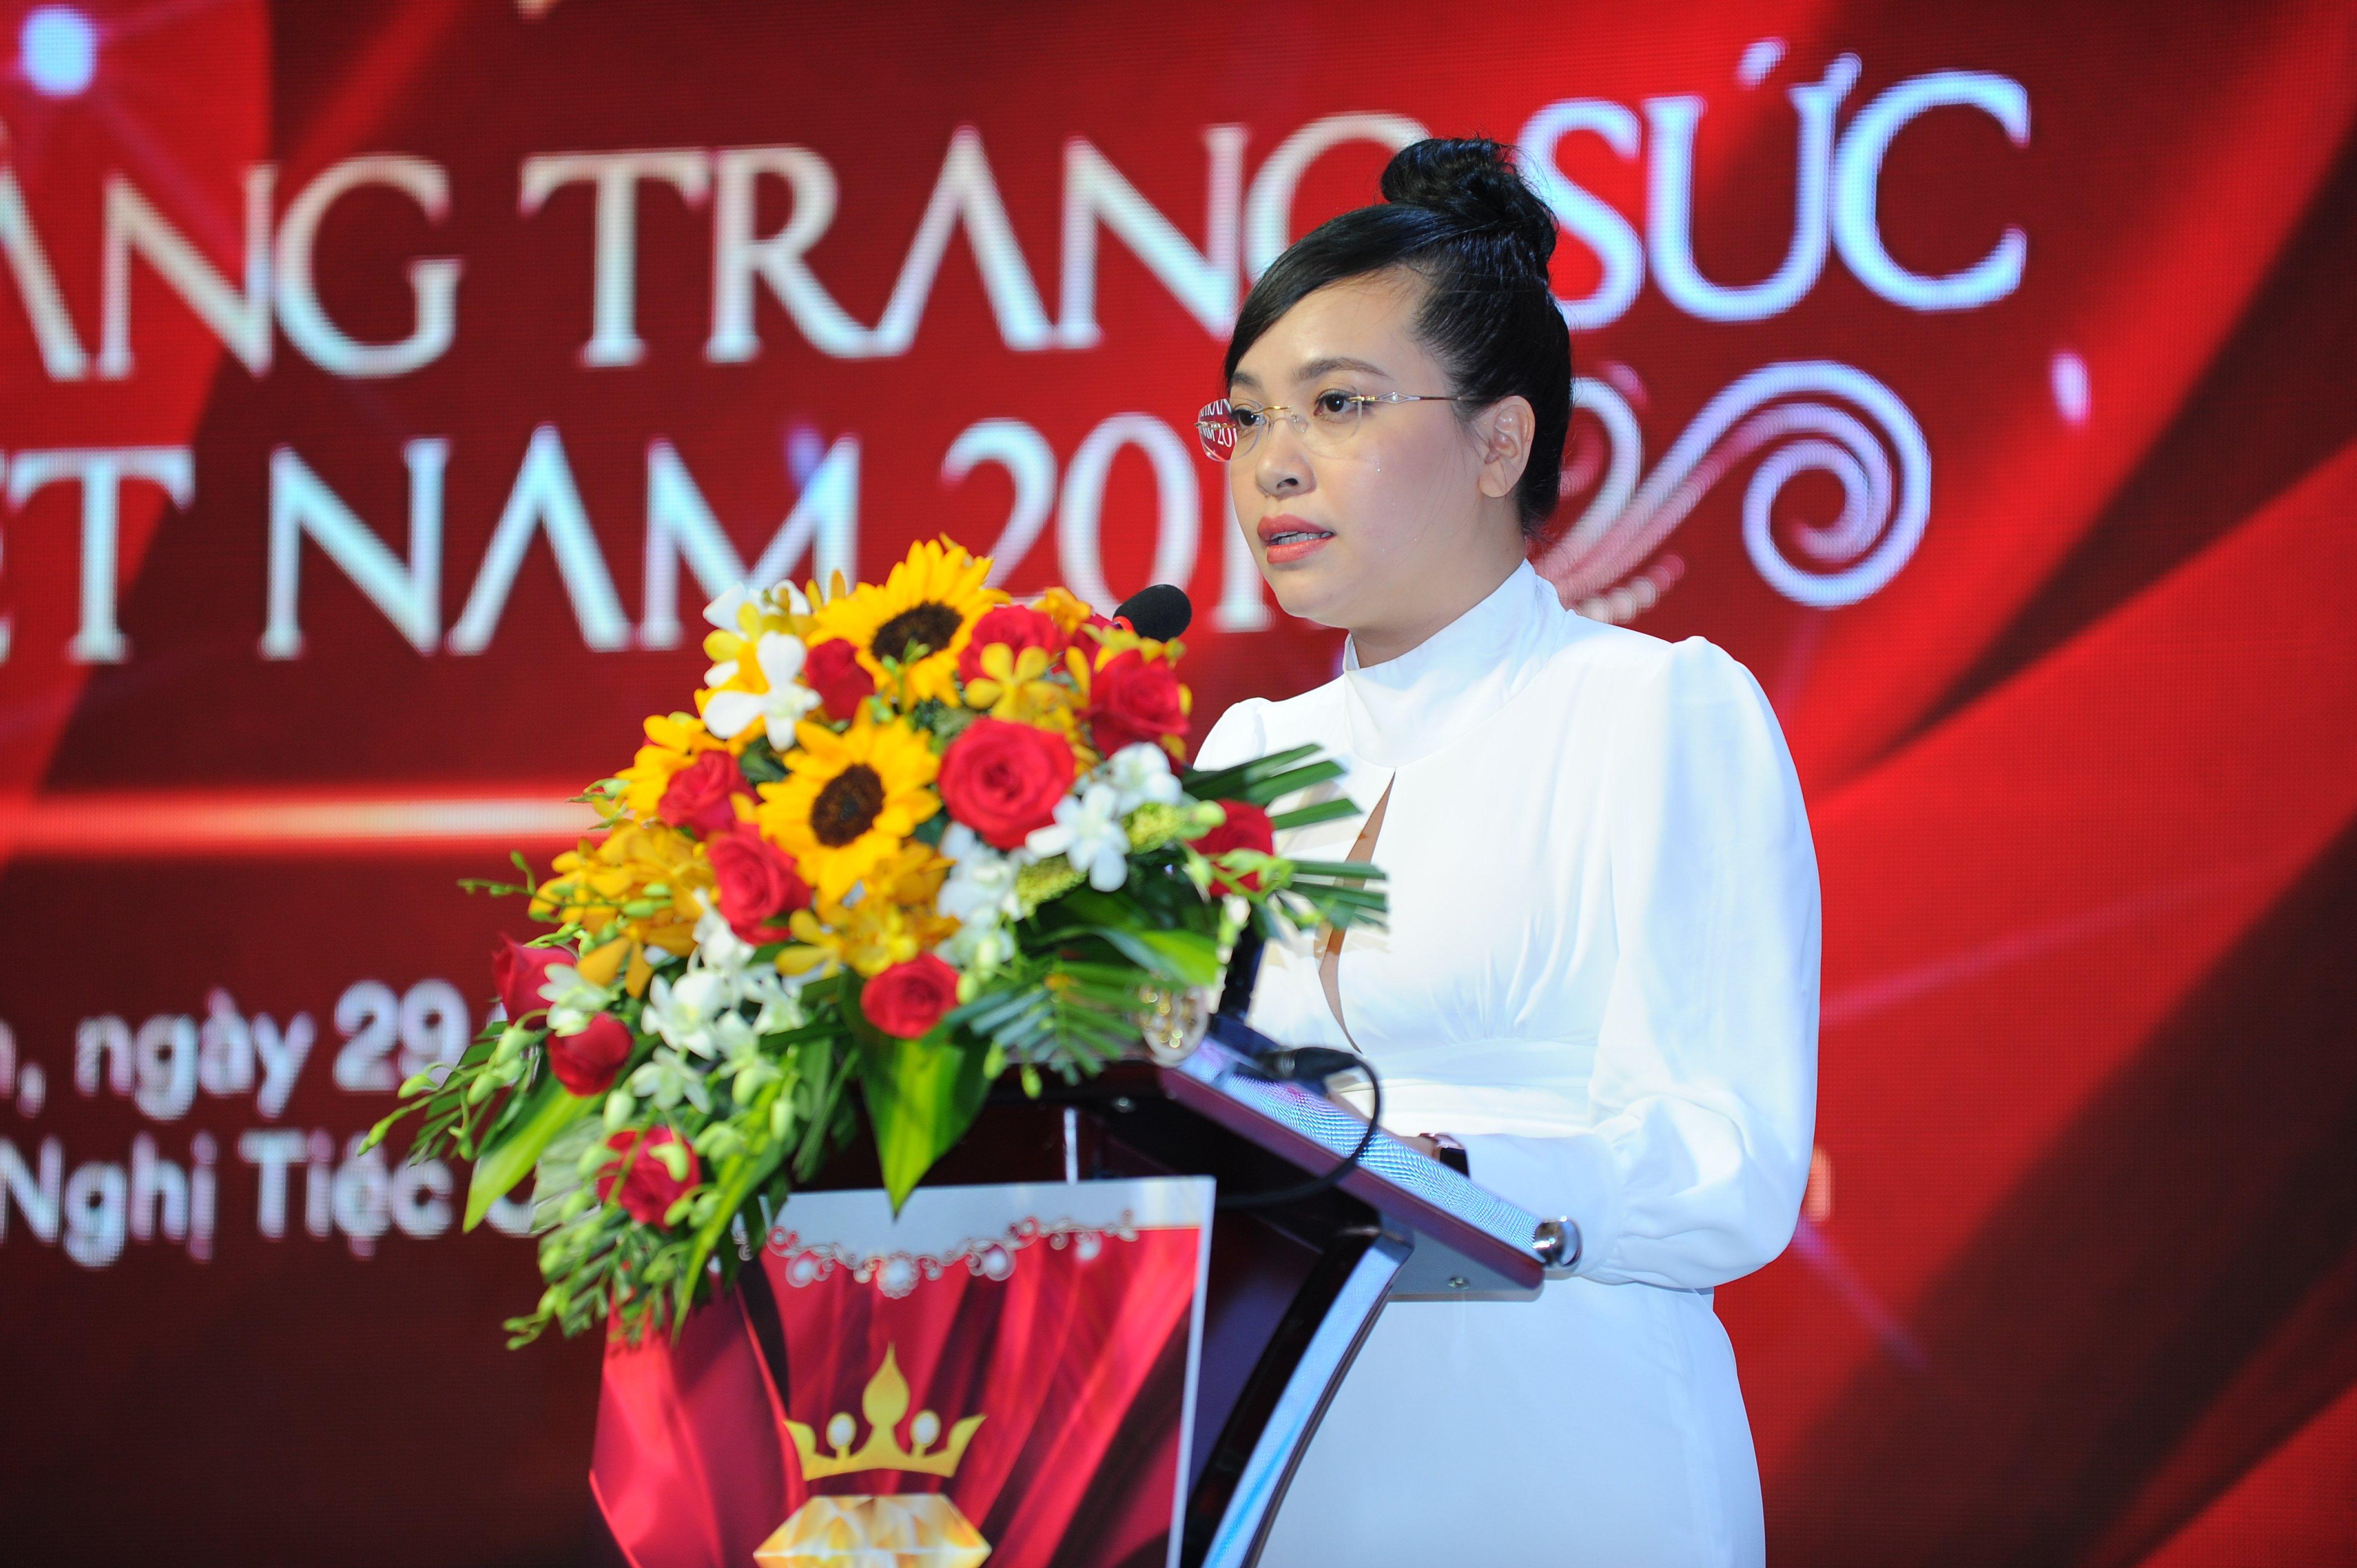 Đạo diễn Lê Hoàng tiếc nuối khi Nữ hoàng trang sức Việt Nam bỏ phần thi bikini 2